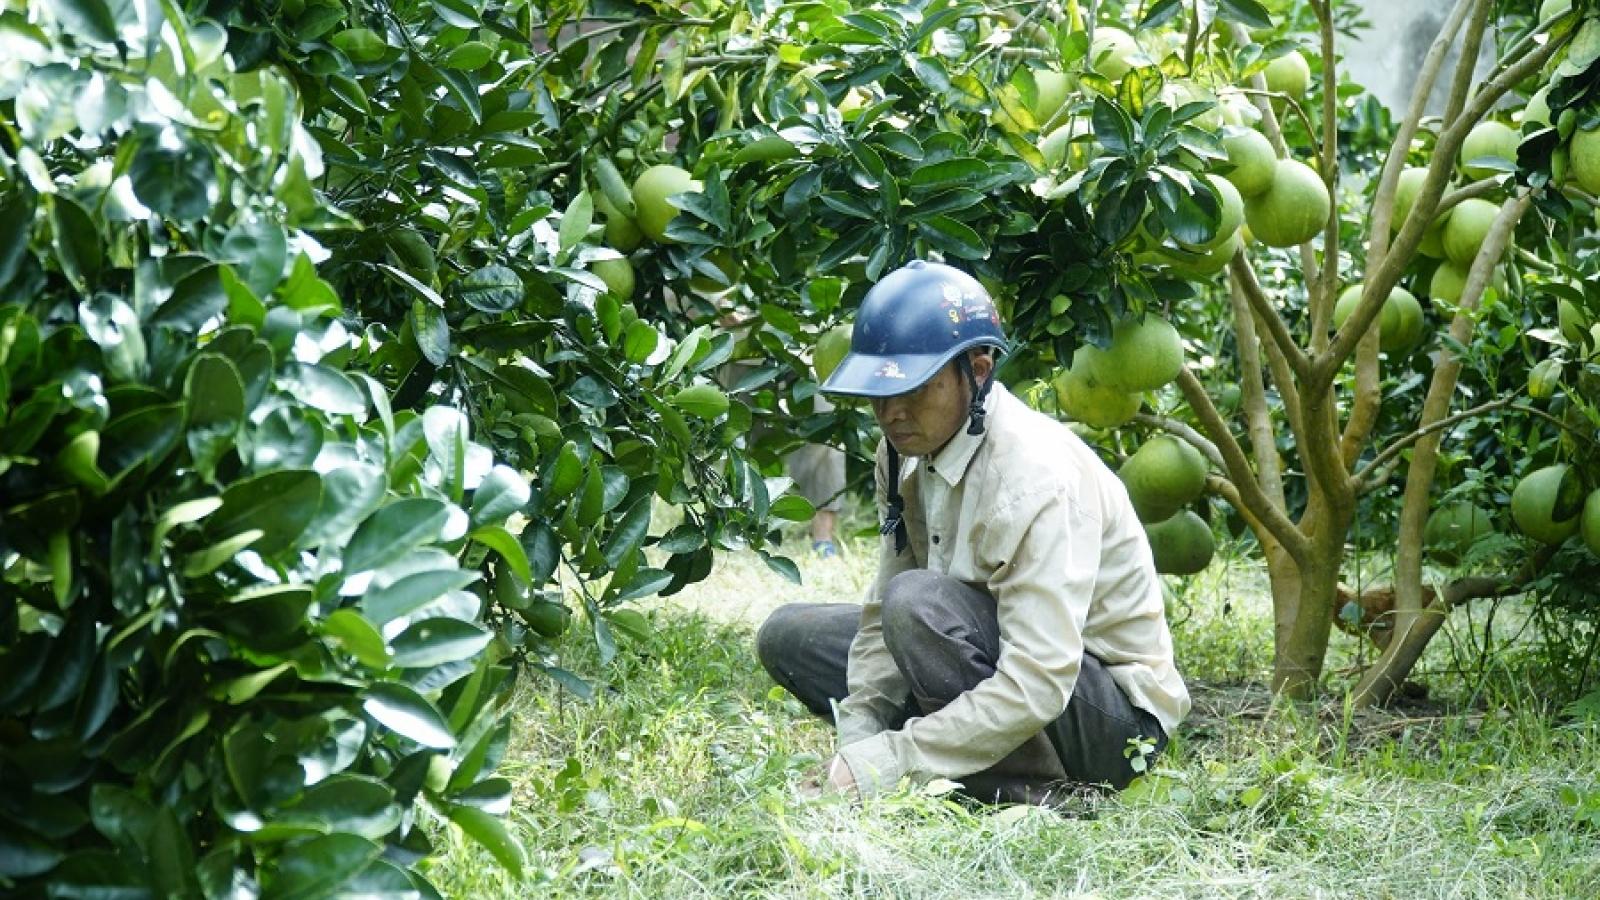 Xây dựng Mường Ảng thành vùng chuyên canh cây ăn quả ở Điện Biên